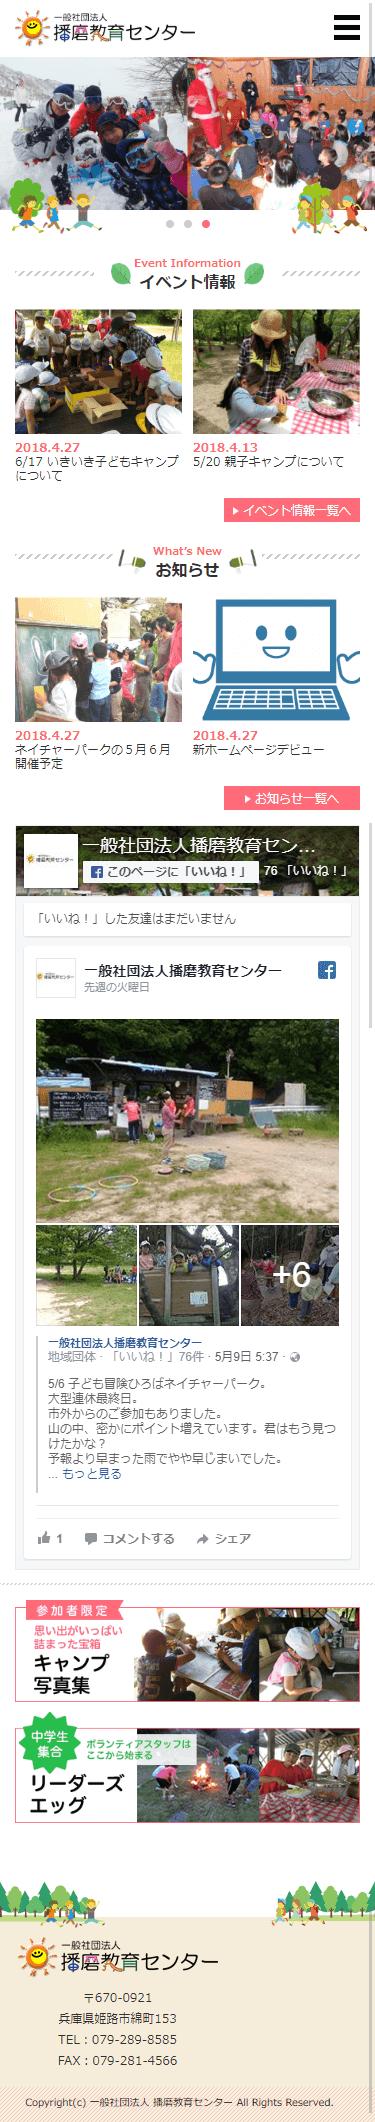 姫路市 一般社団法人播磨教育センター様 ホームページ制作3